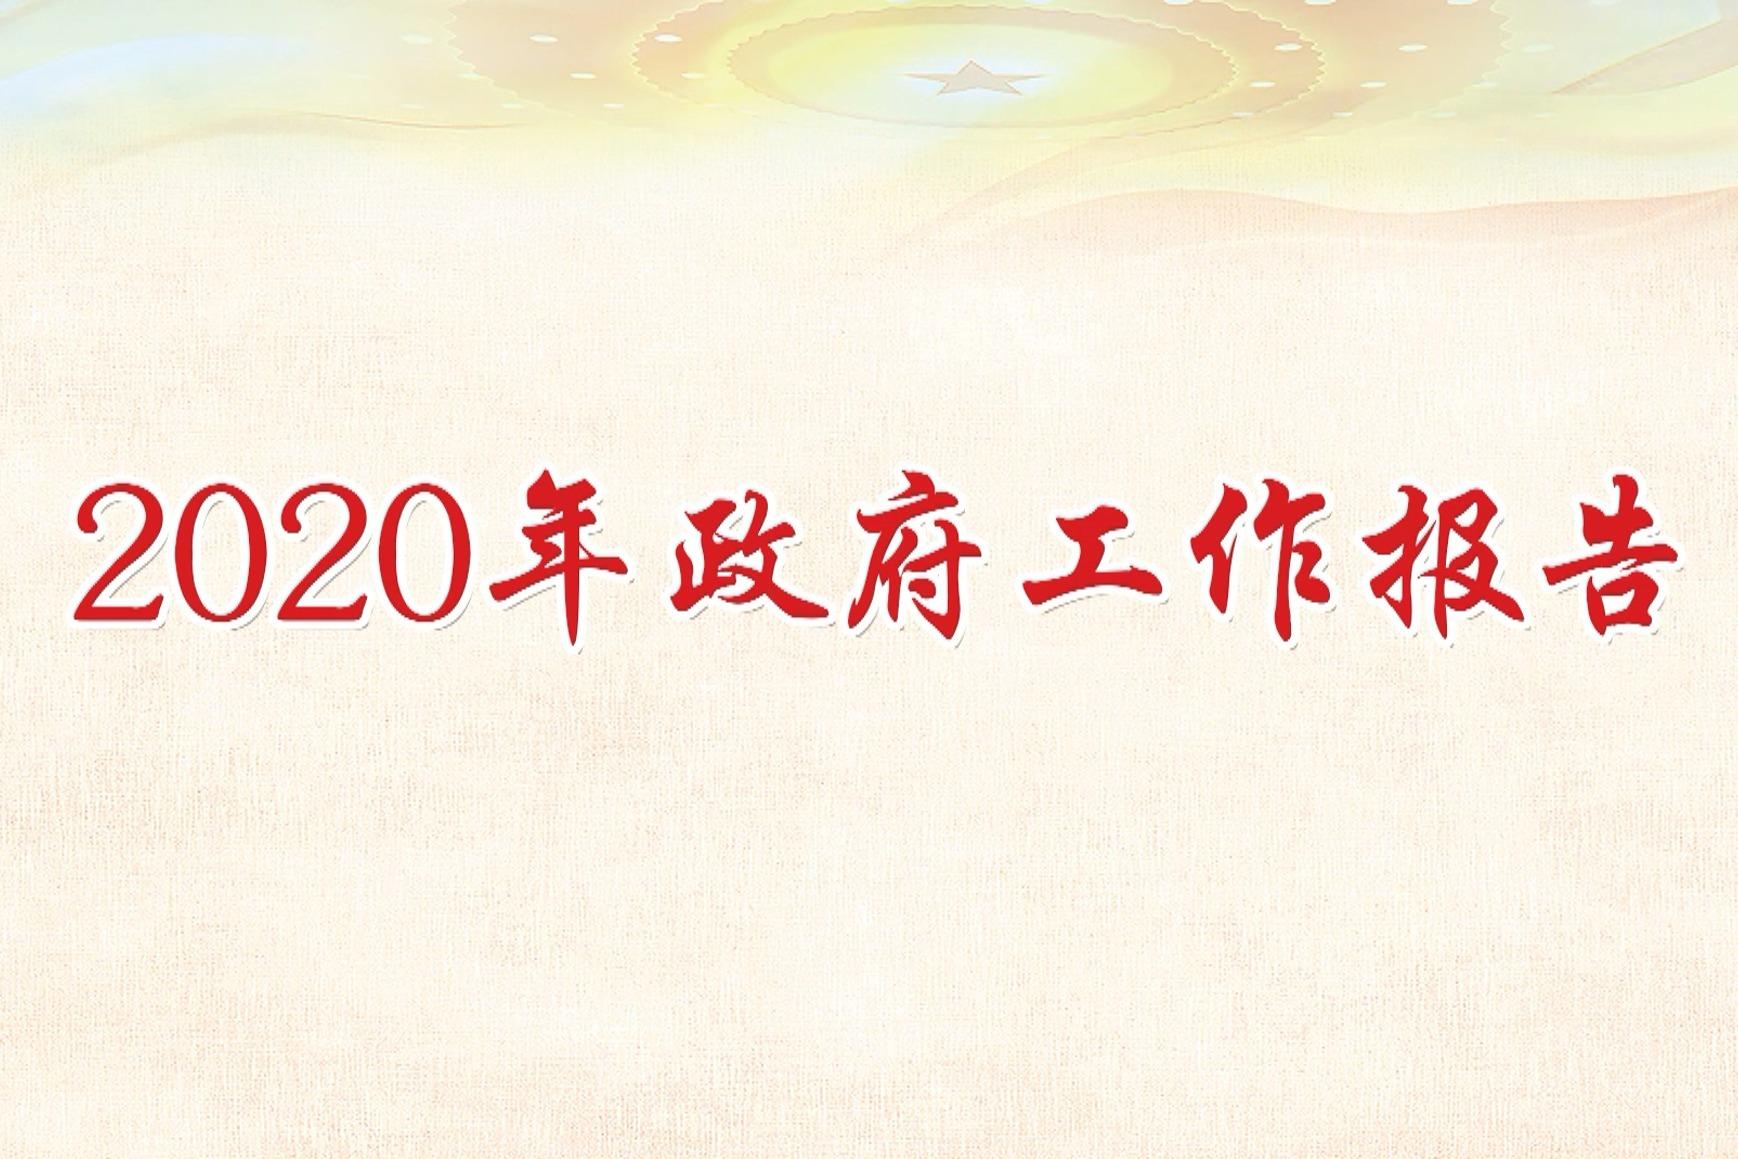 【聚焦汕尾两会】视频解读:2020汕尾市政府工作报告